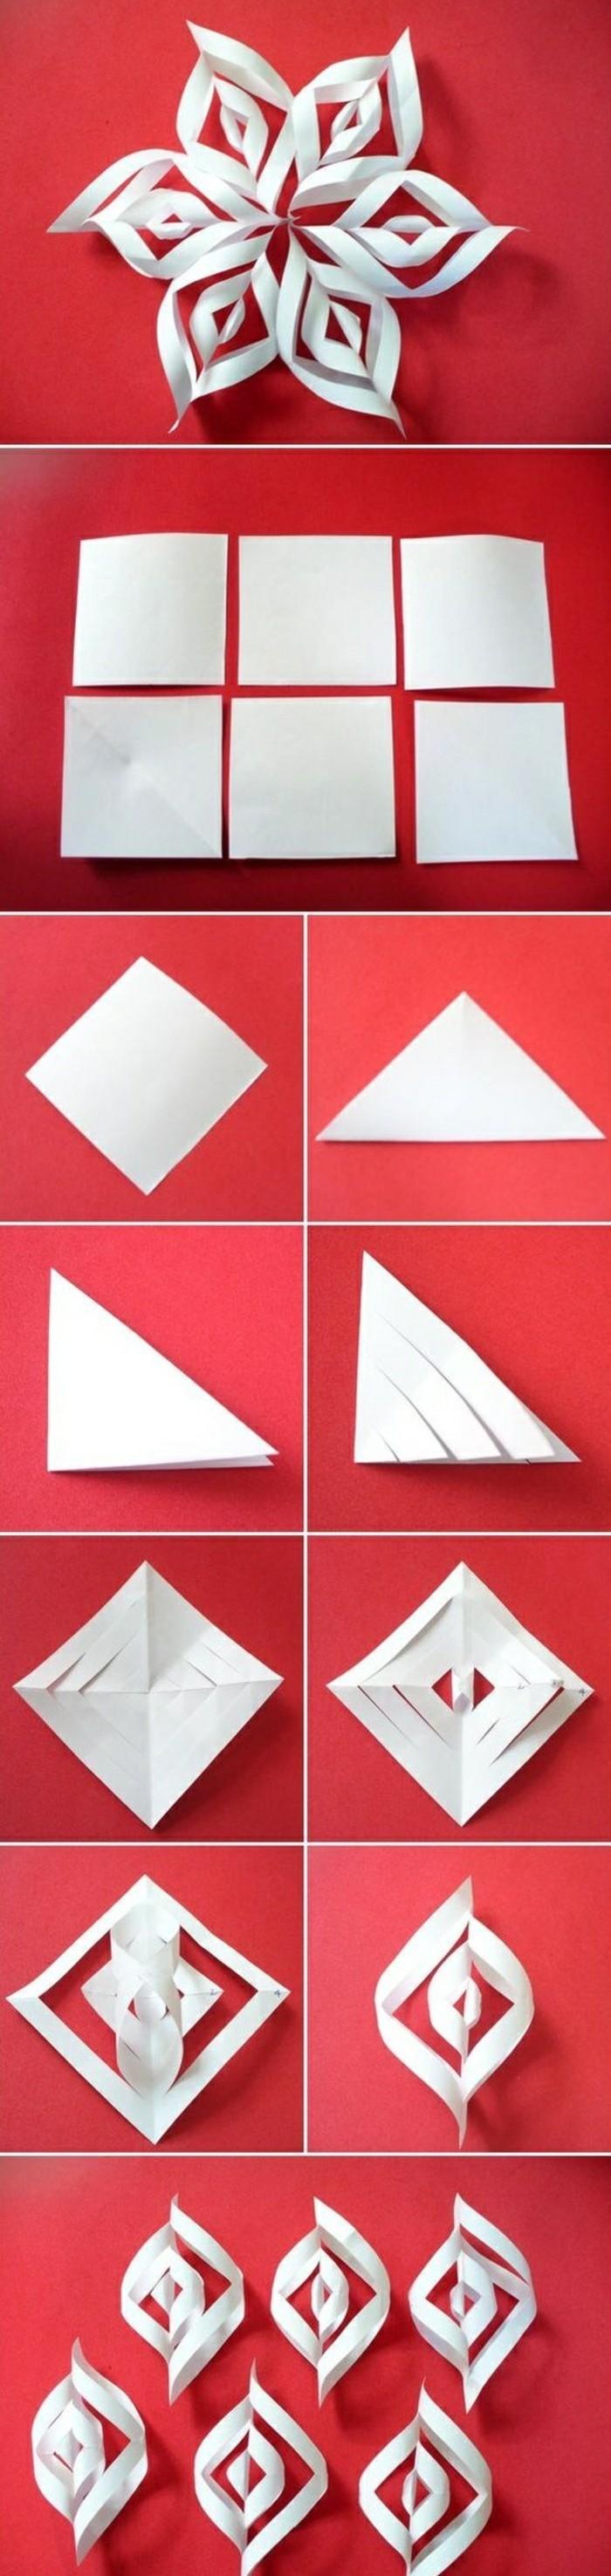 papiersterne-basteln-weises-papier-anlitung-weihnachten-weihnachtsdeko